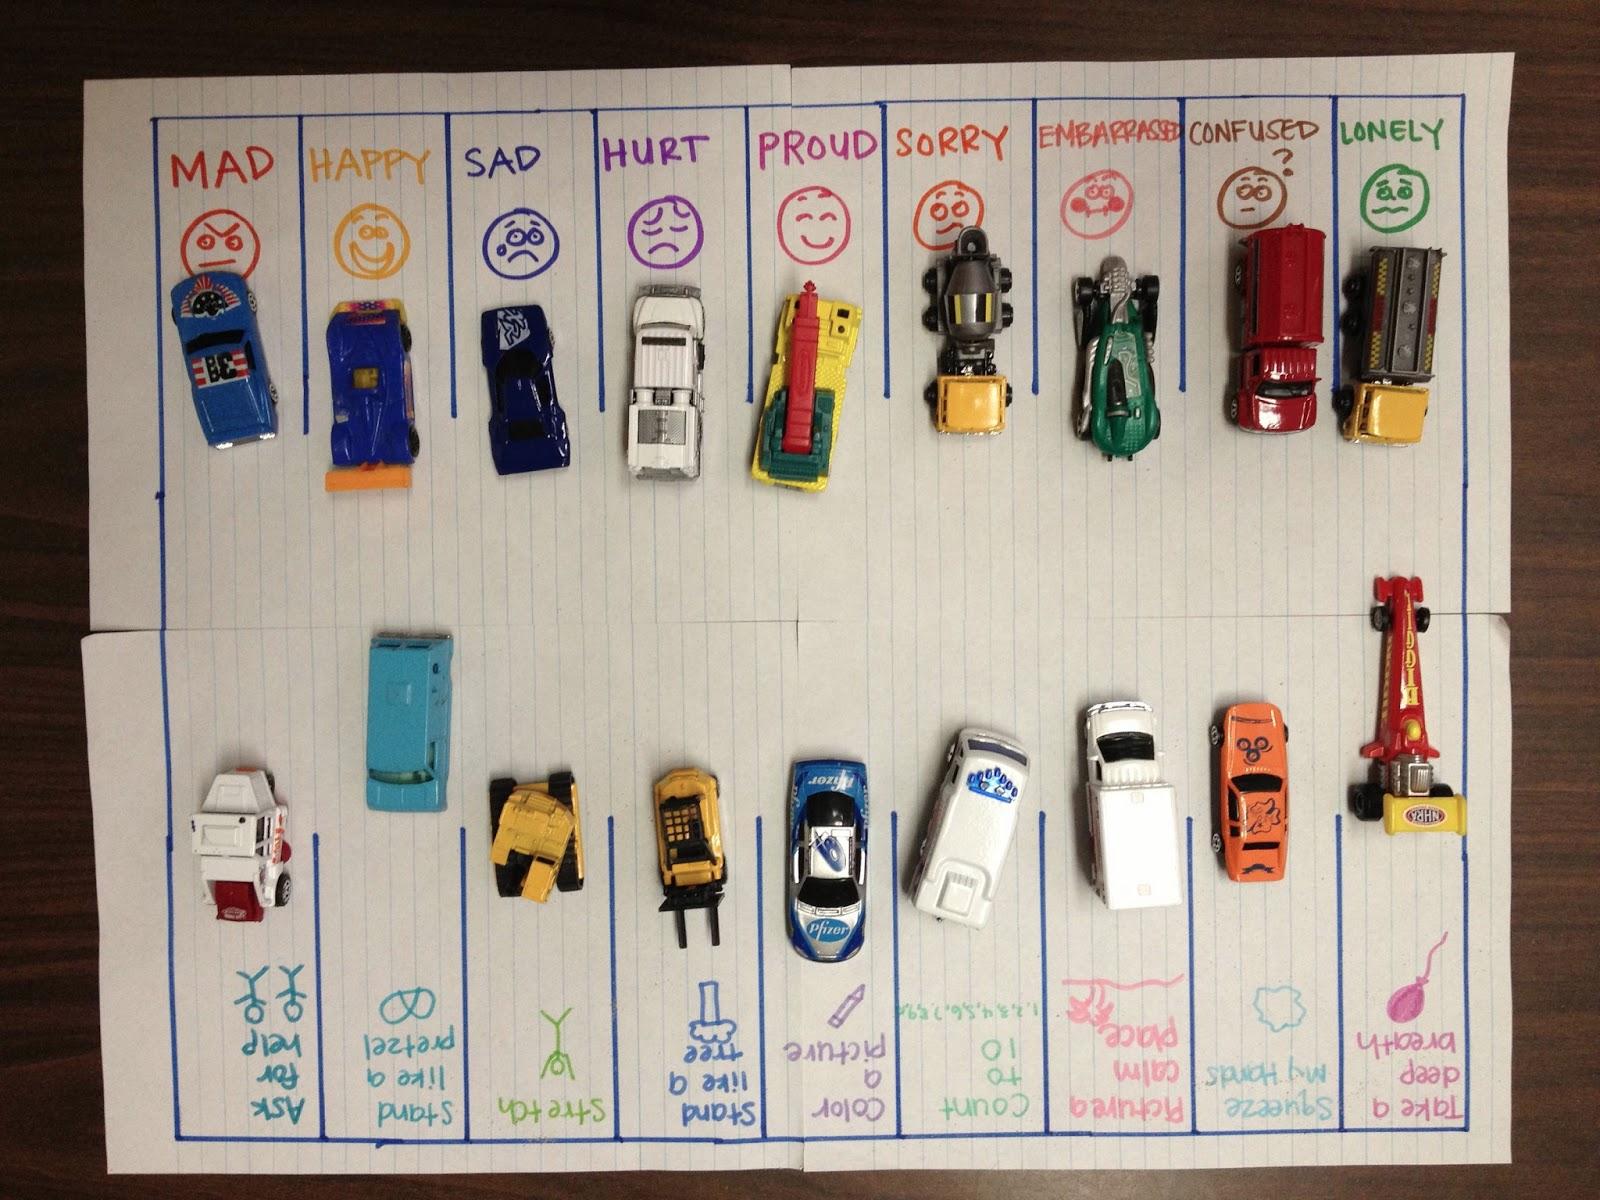 http://4.bp.blogspot.com/-5jej4Hlcoeo/UX9ek7E4dYI/AAAAAAAABio/scKPGVCeSC8/s1600/Feelings+Parking+Lot1.jpg